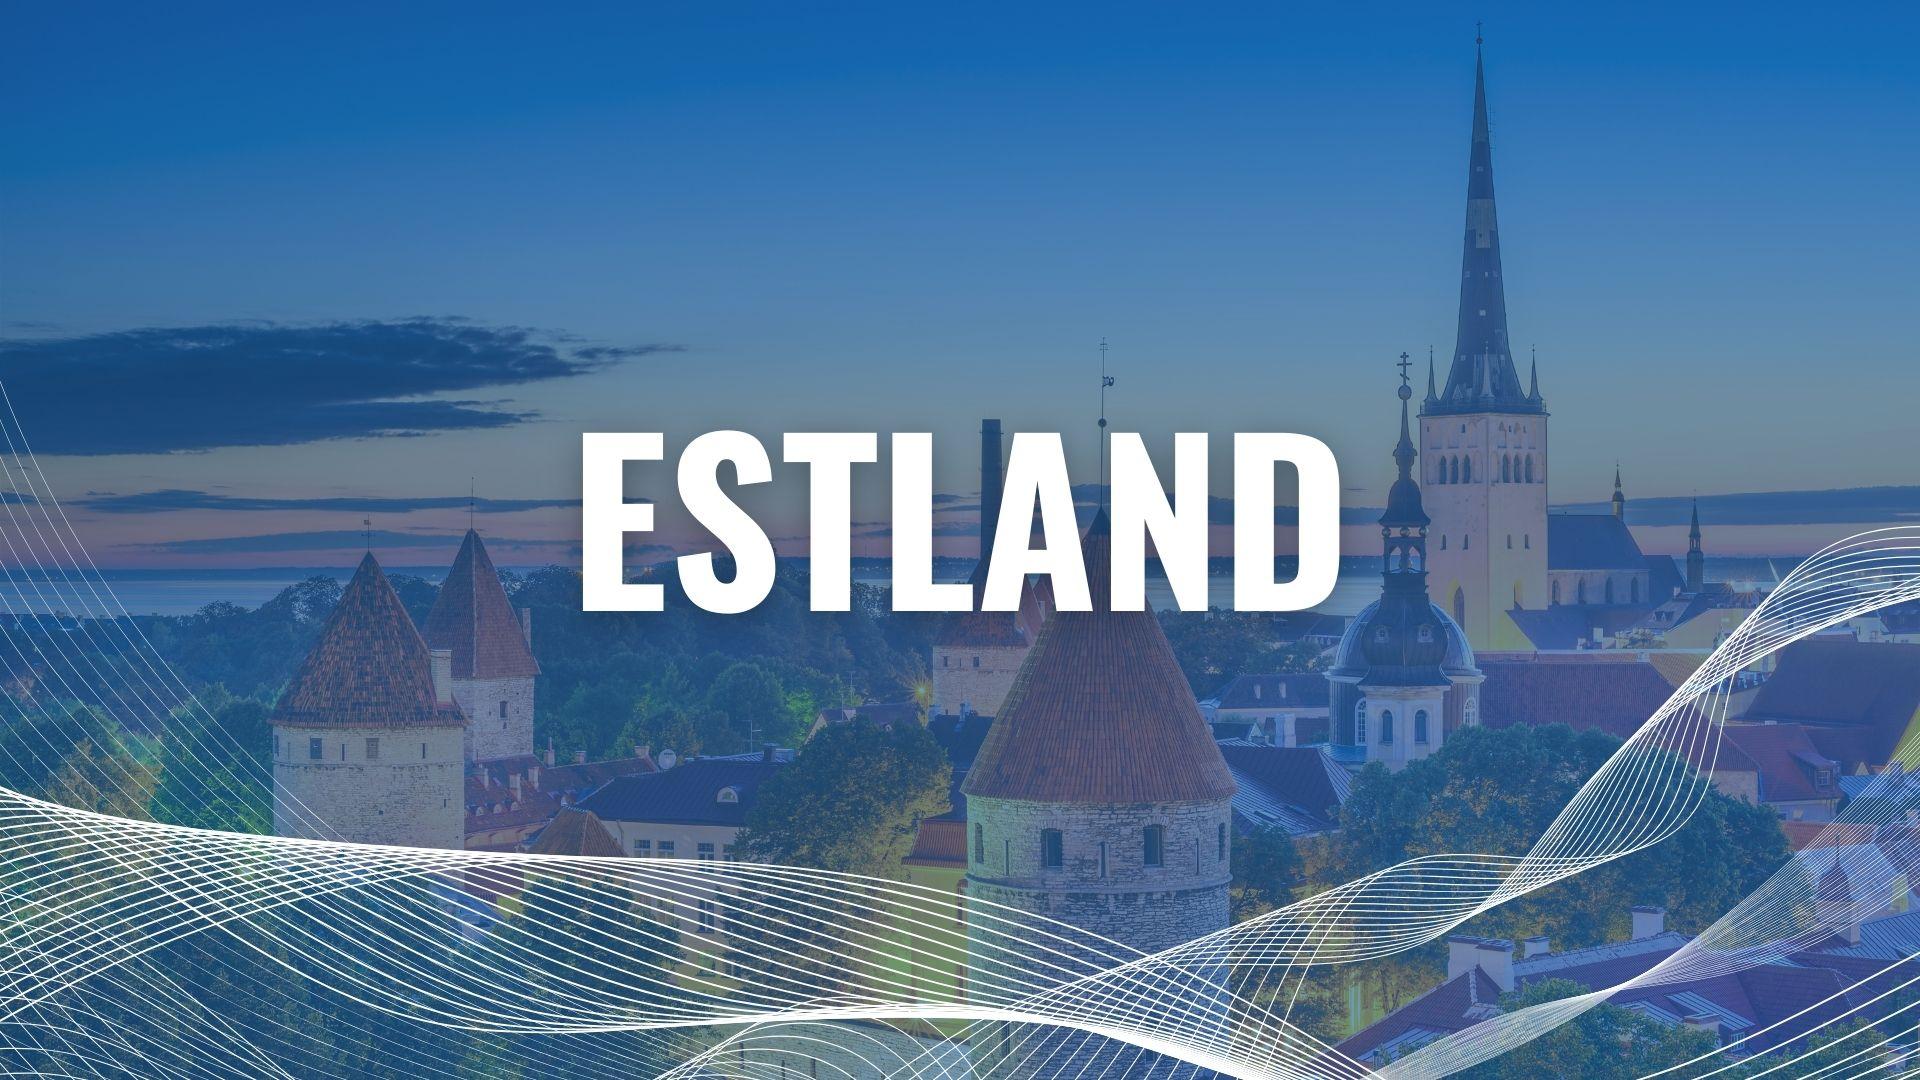 Urlaub mit der Fähre in Estland